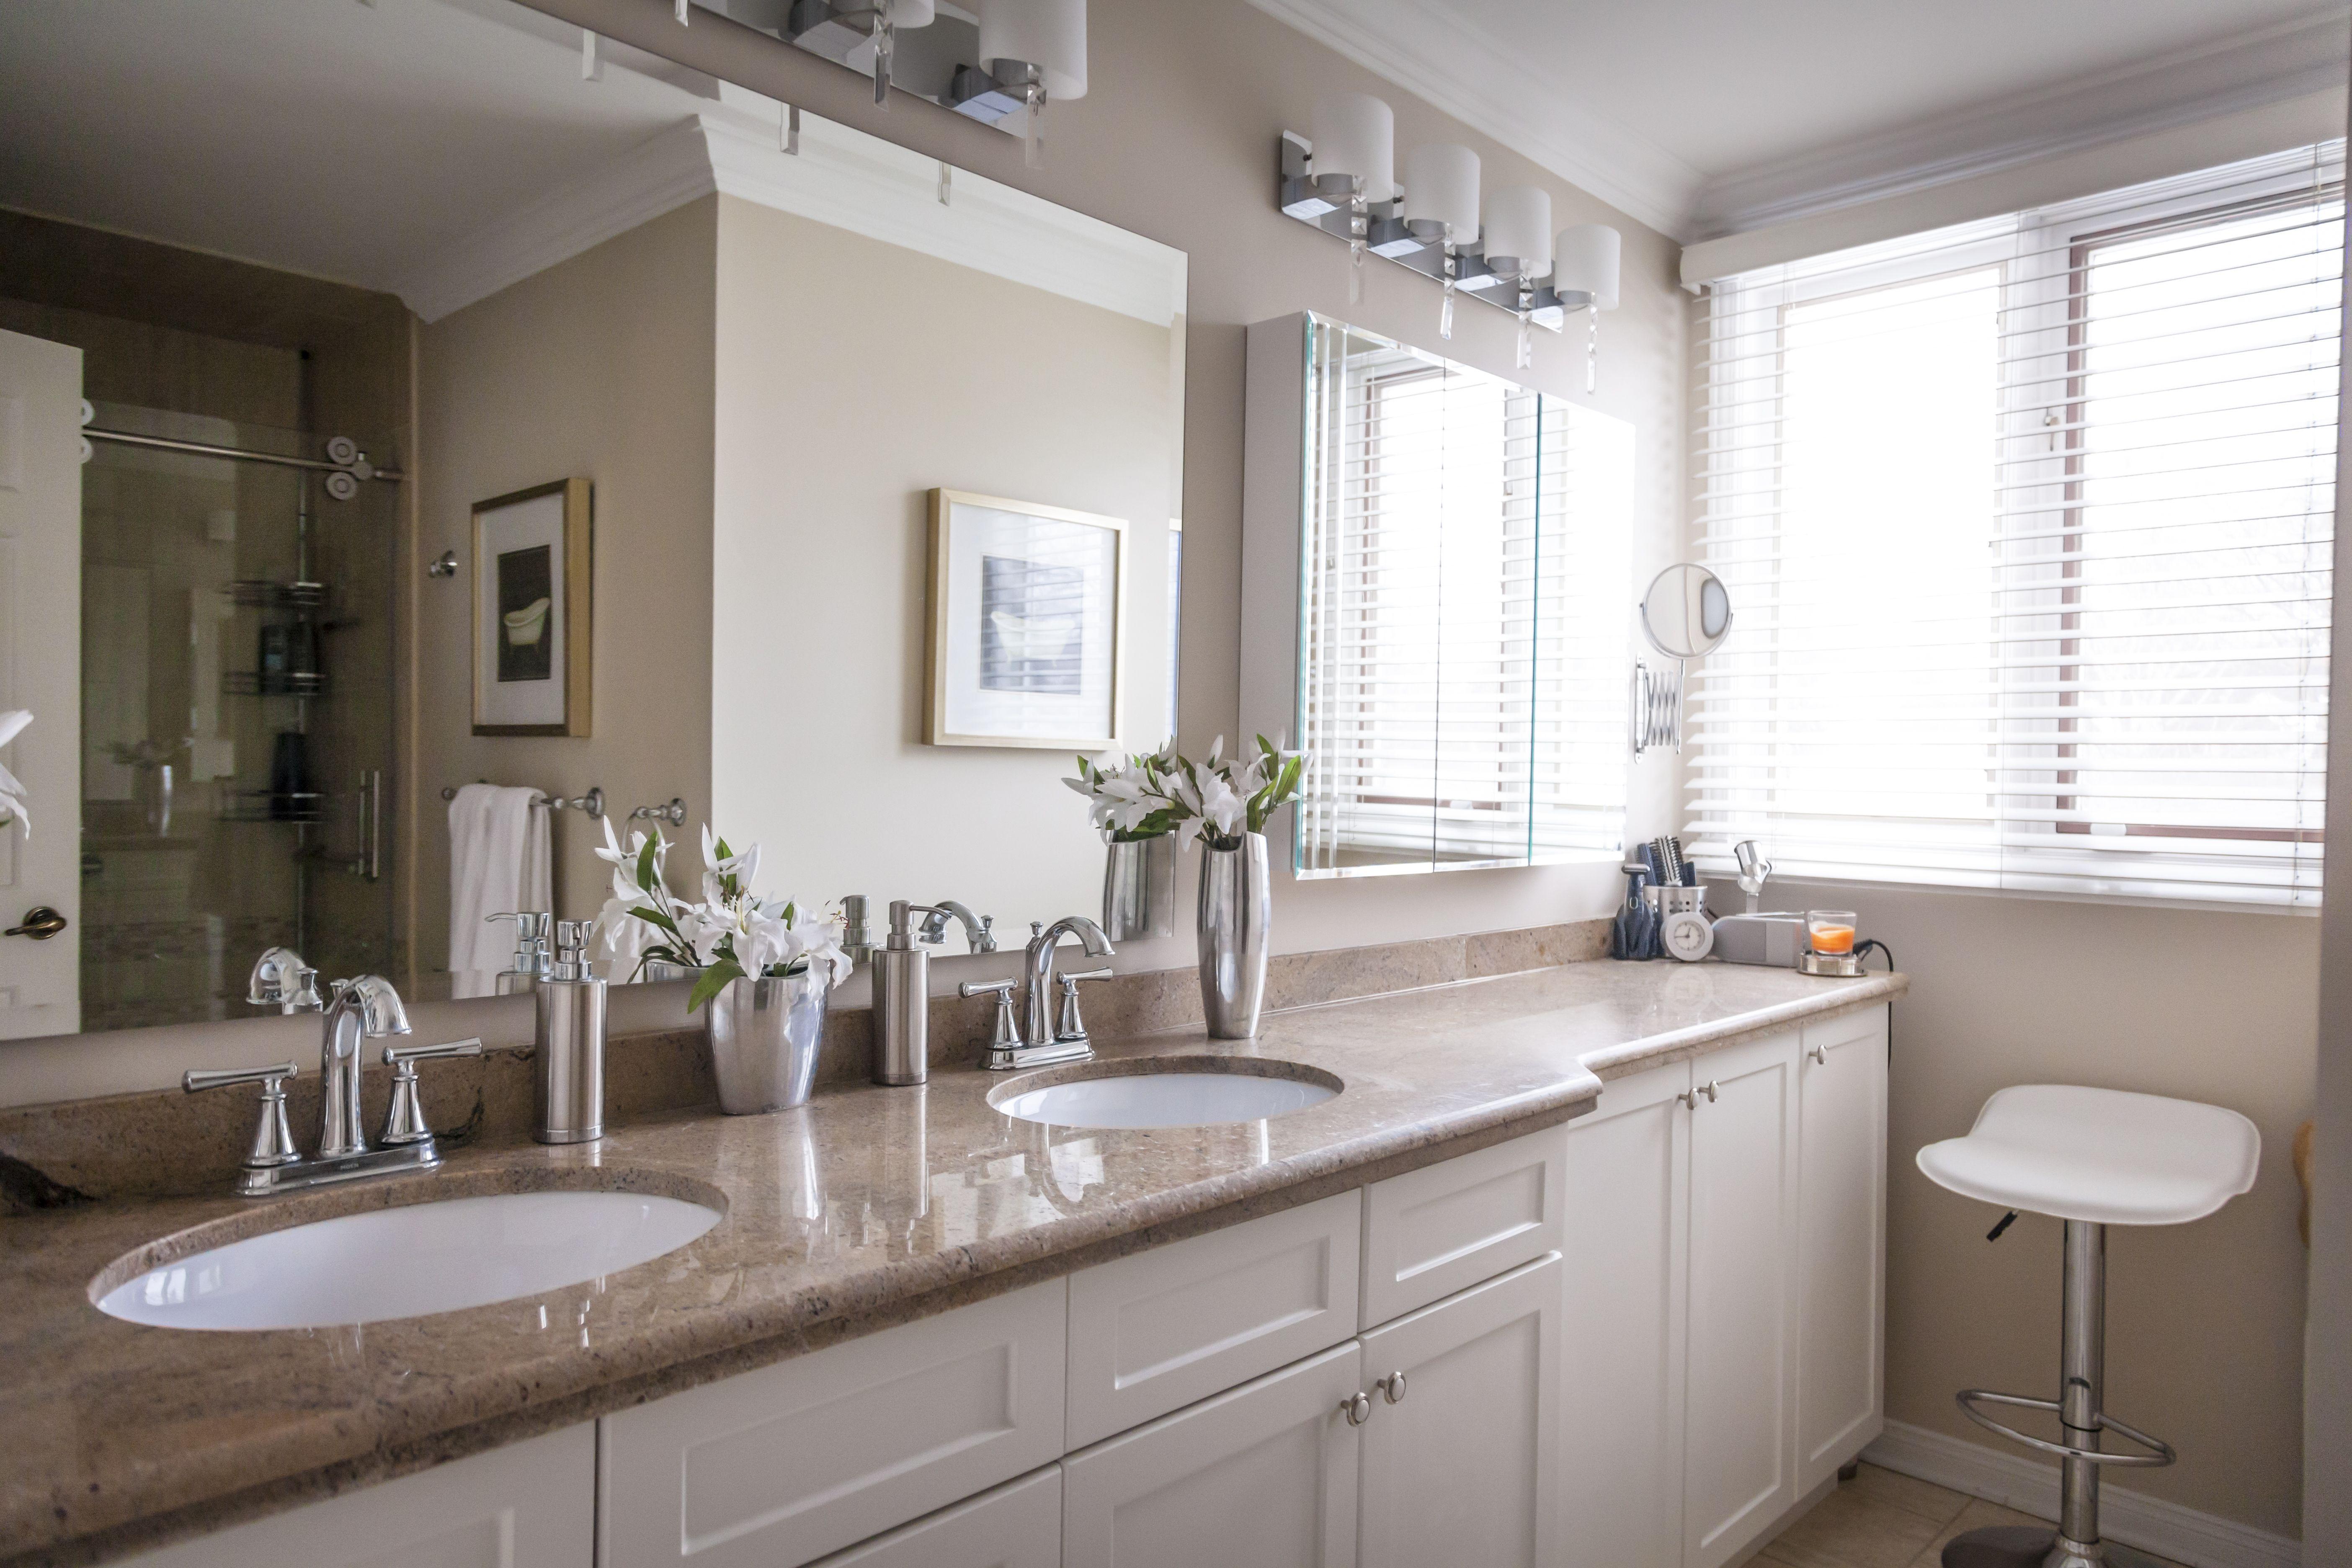 Bathroom Renovation Cost Victoria Bc In 2020 Bathroom Renovation Cost Bathroom Renovation Price Budget Bathroom Remodel